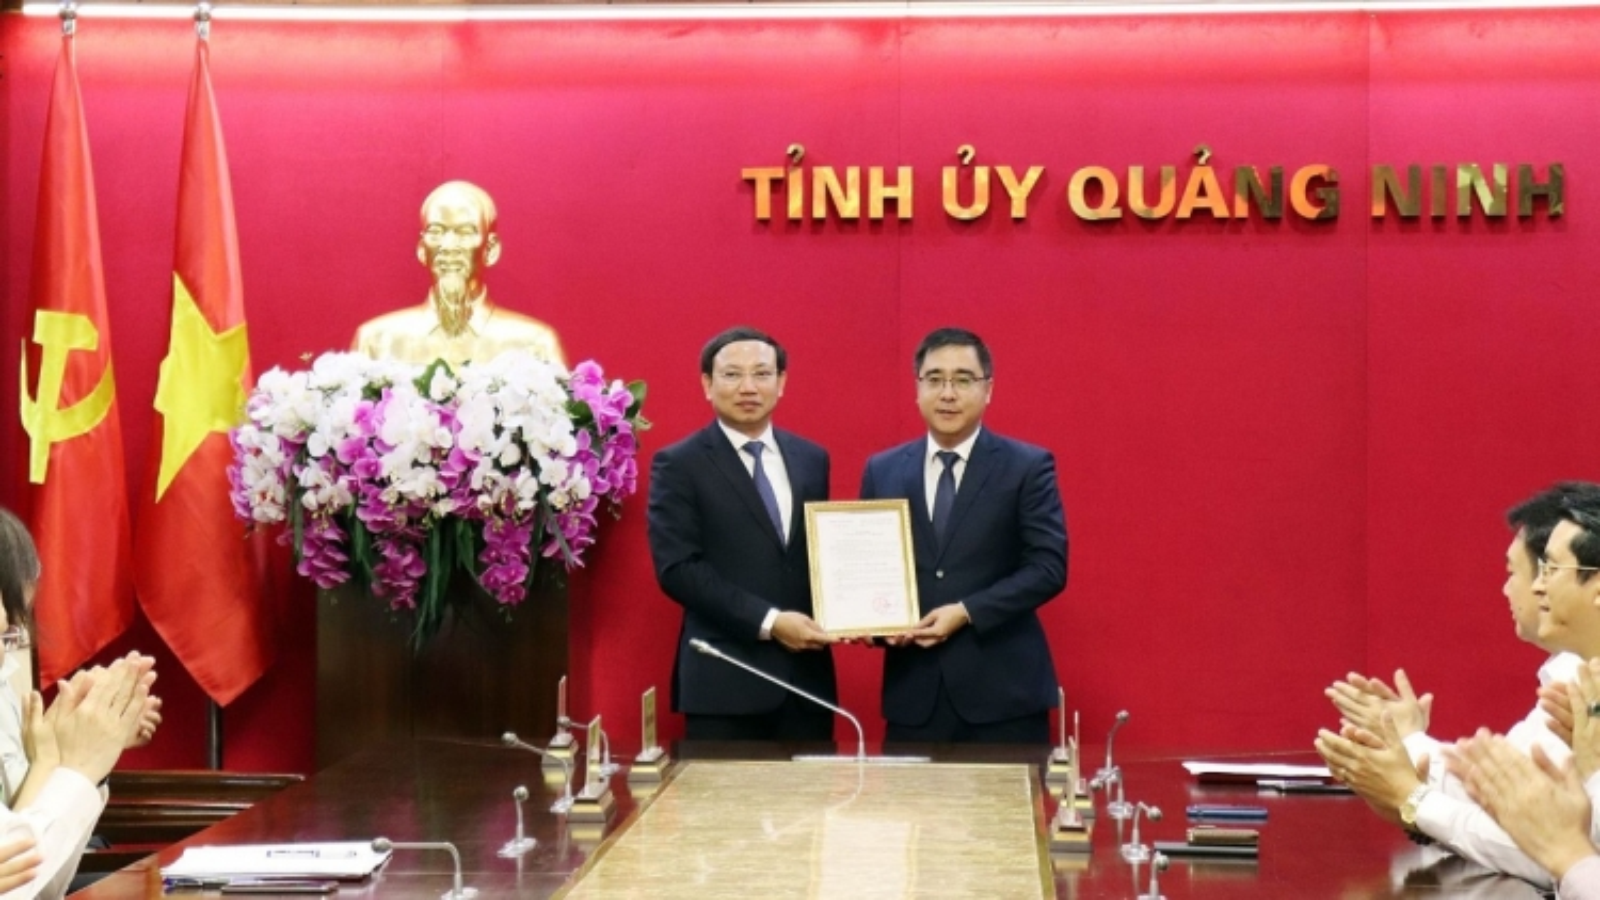 Quảng Ninh bổ nhiệm Chánh Văn phòng Tỉnh ủy và Giám đốc Sở NN-PTNT